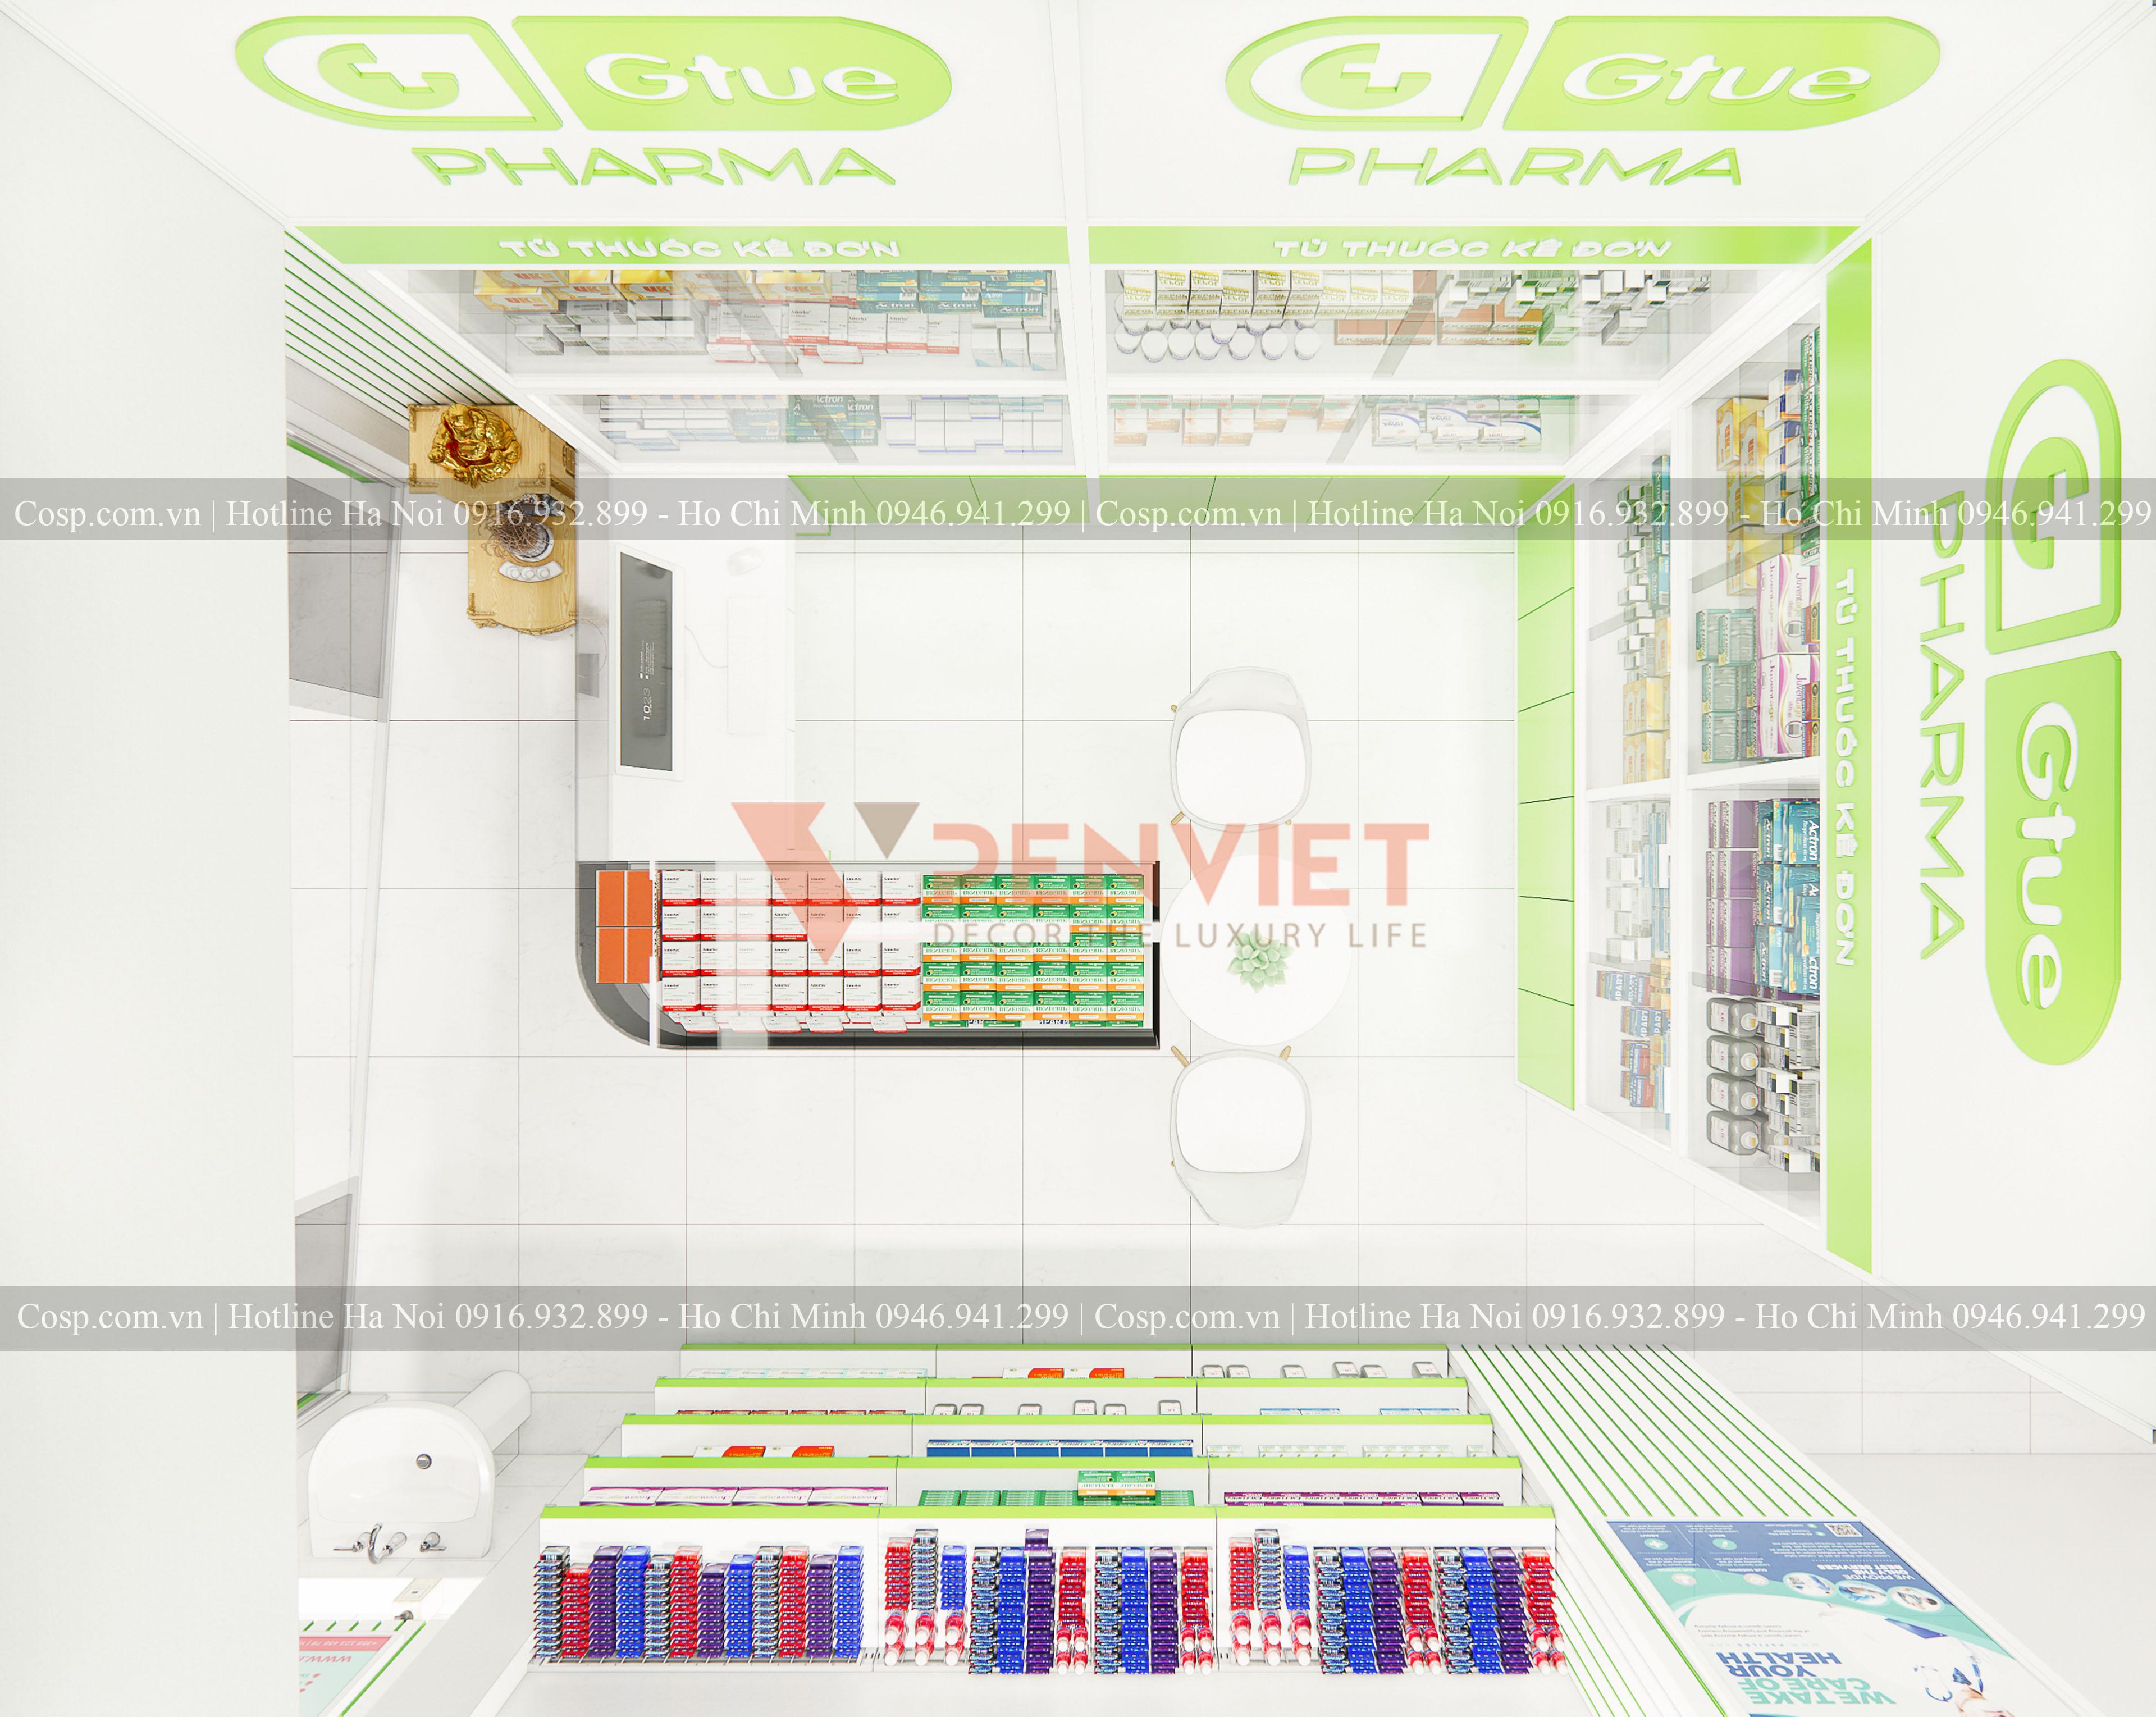 Thiết kế hiệu thuốc Gtue - Pharma